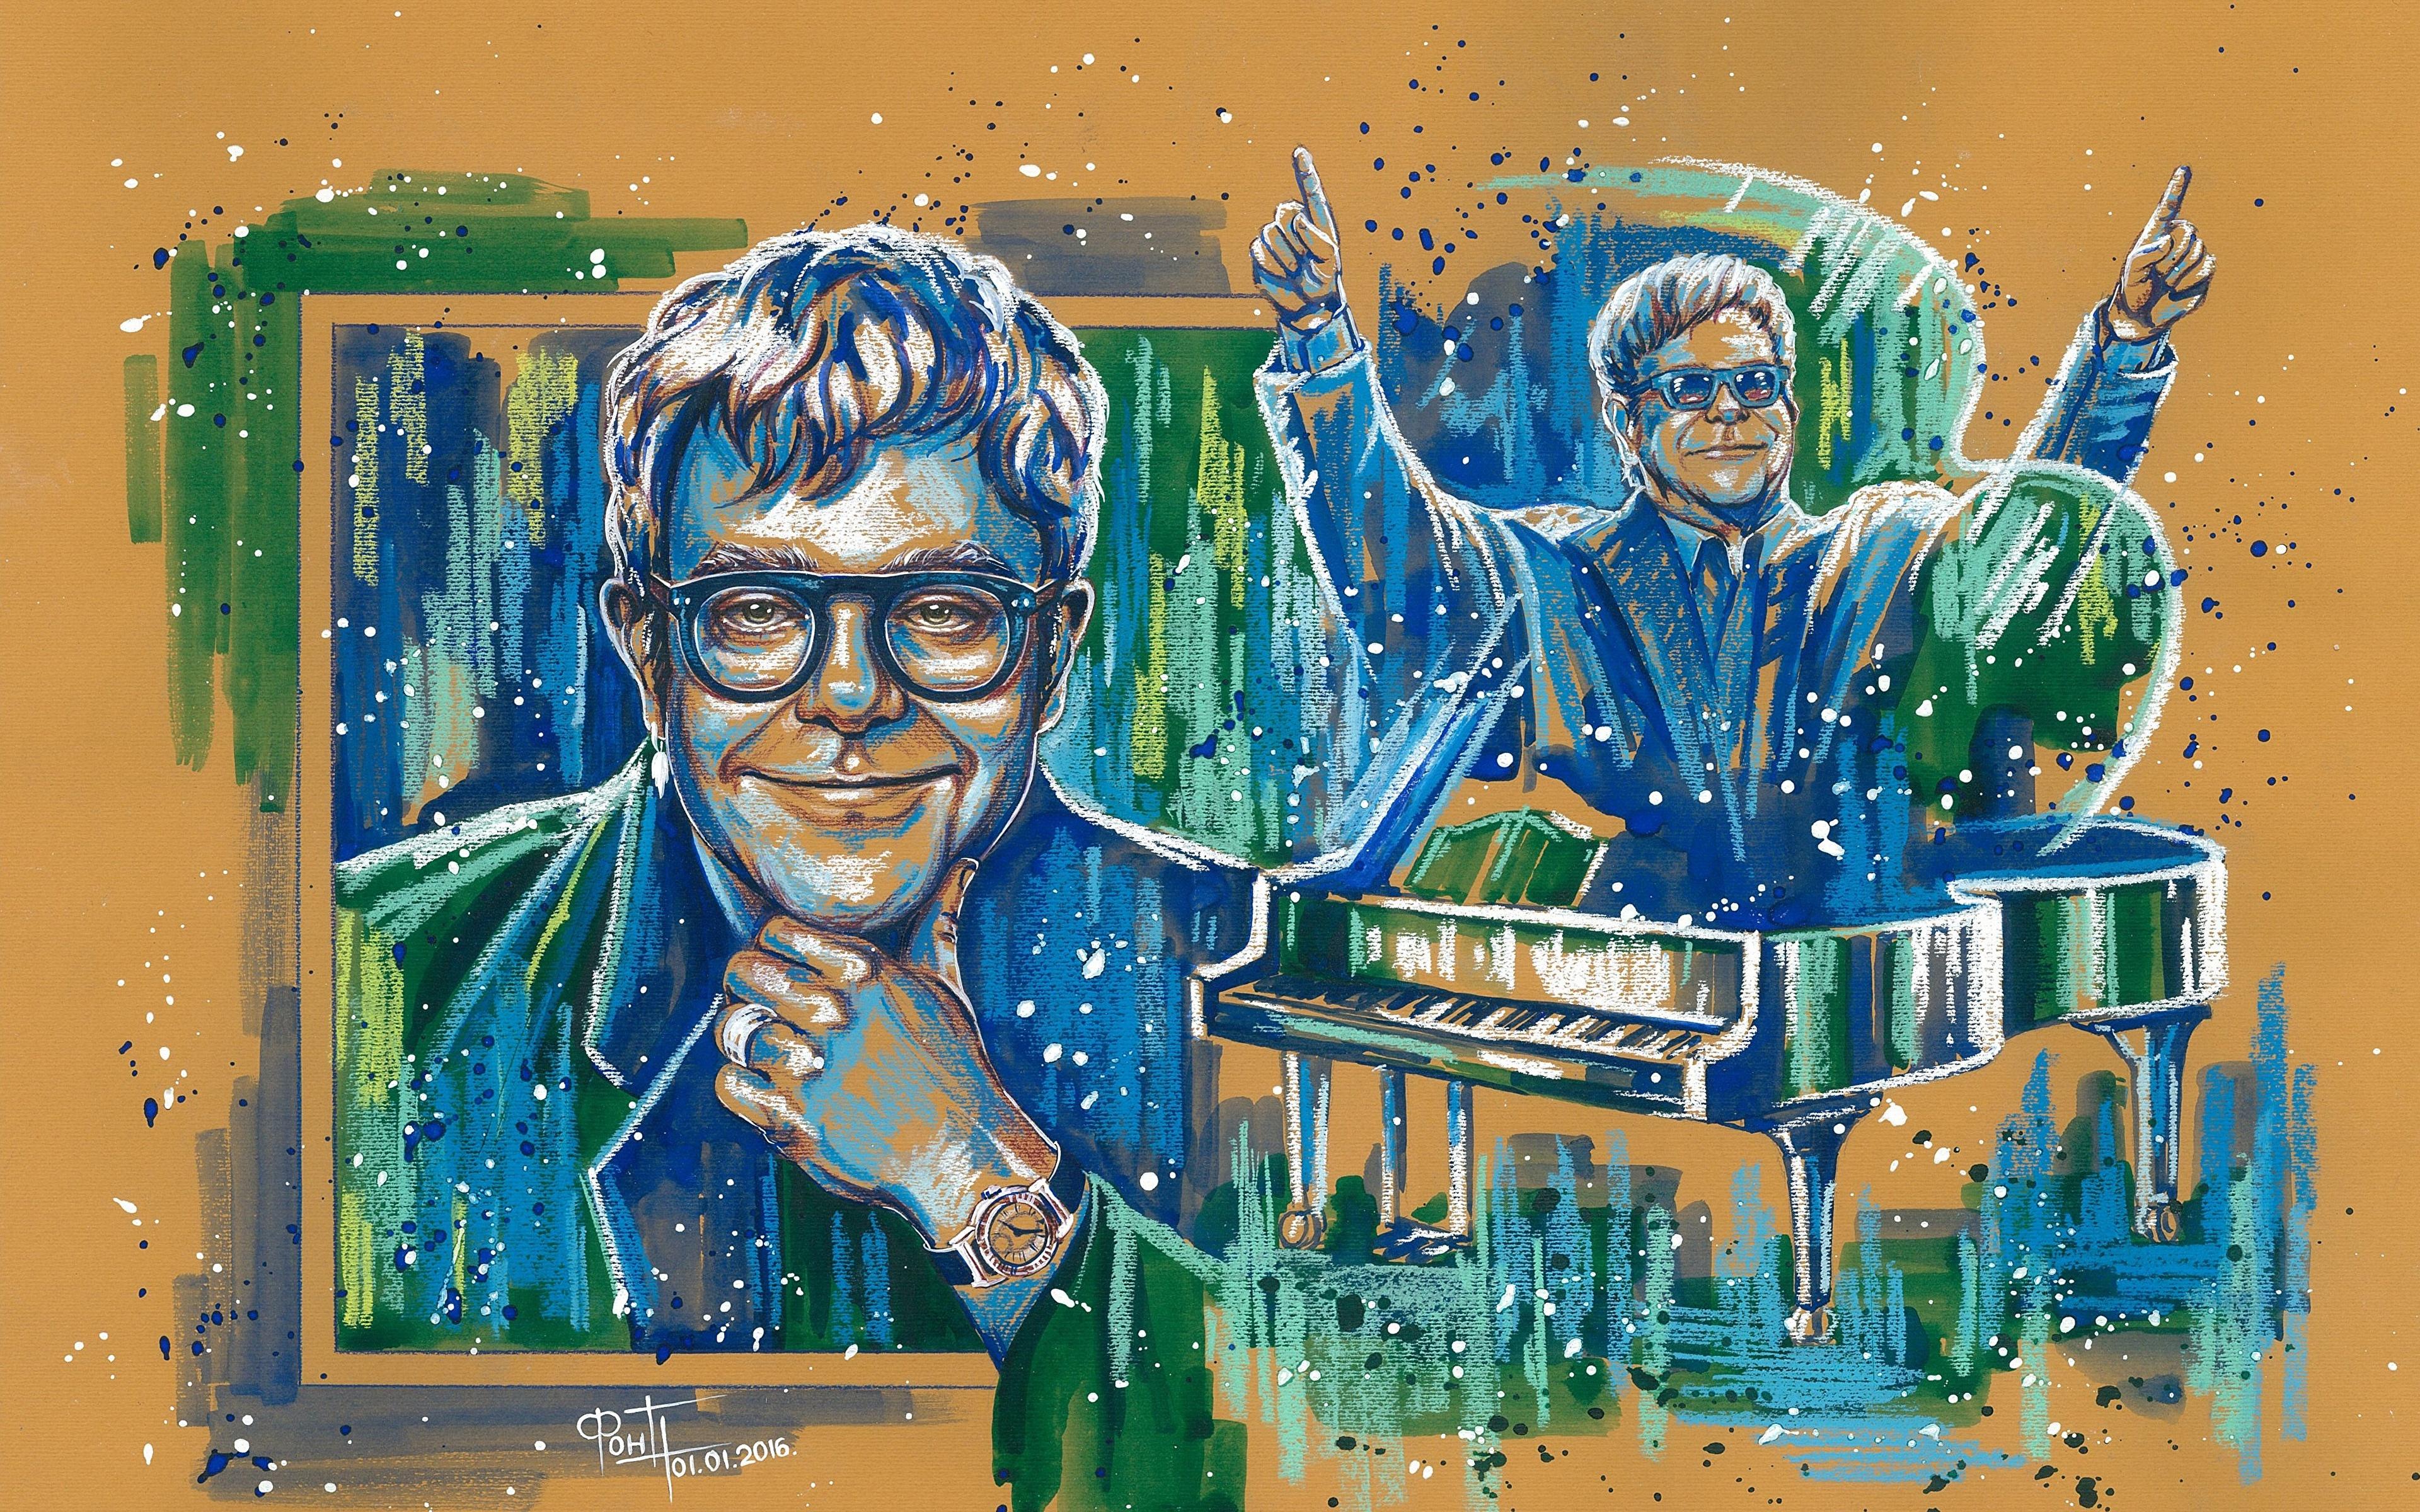 Elton John Wallpaper 14   3840 X 2400 stmednet 3840x2400